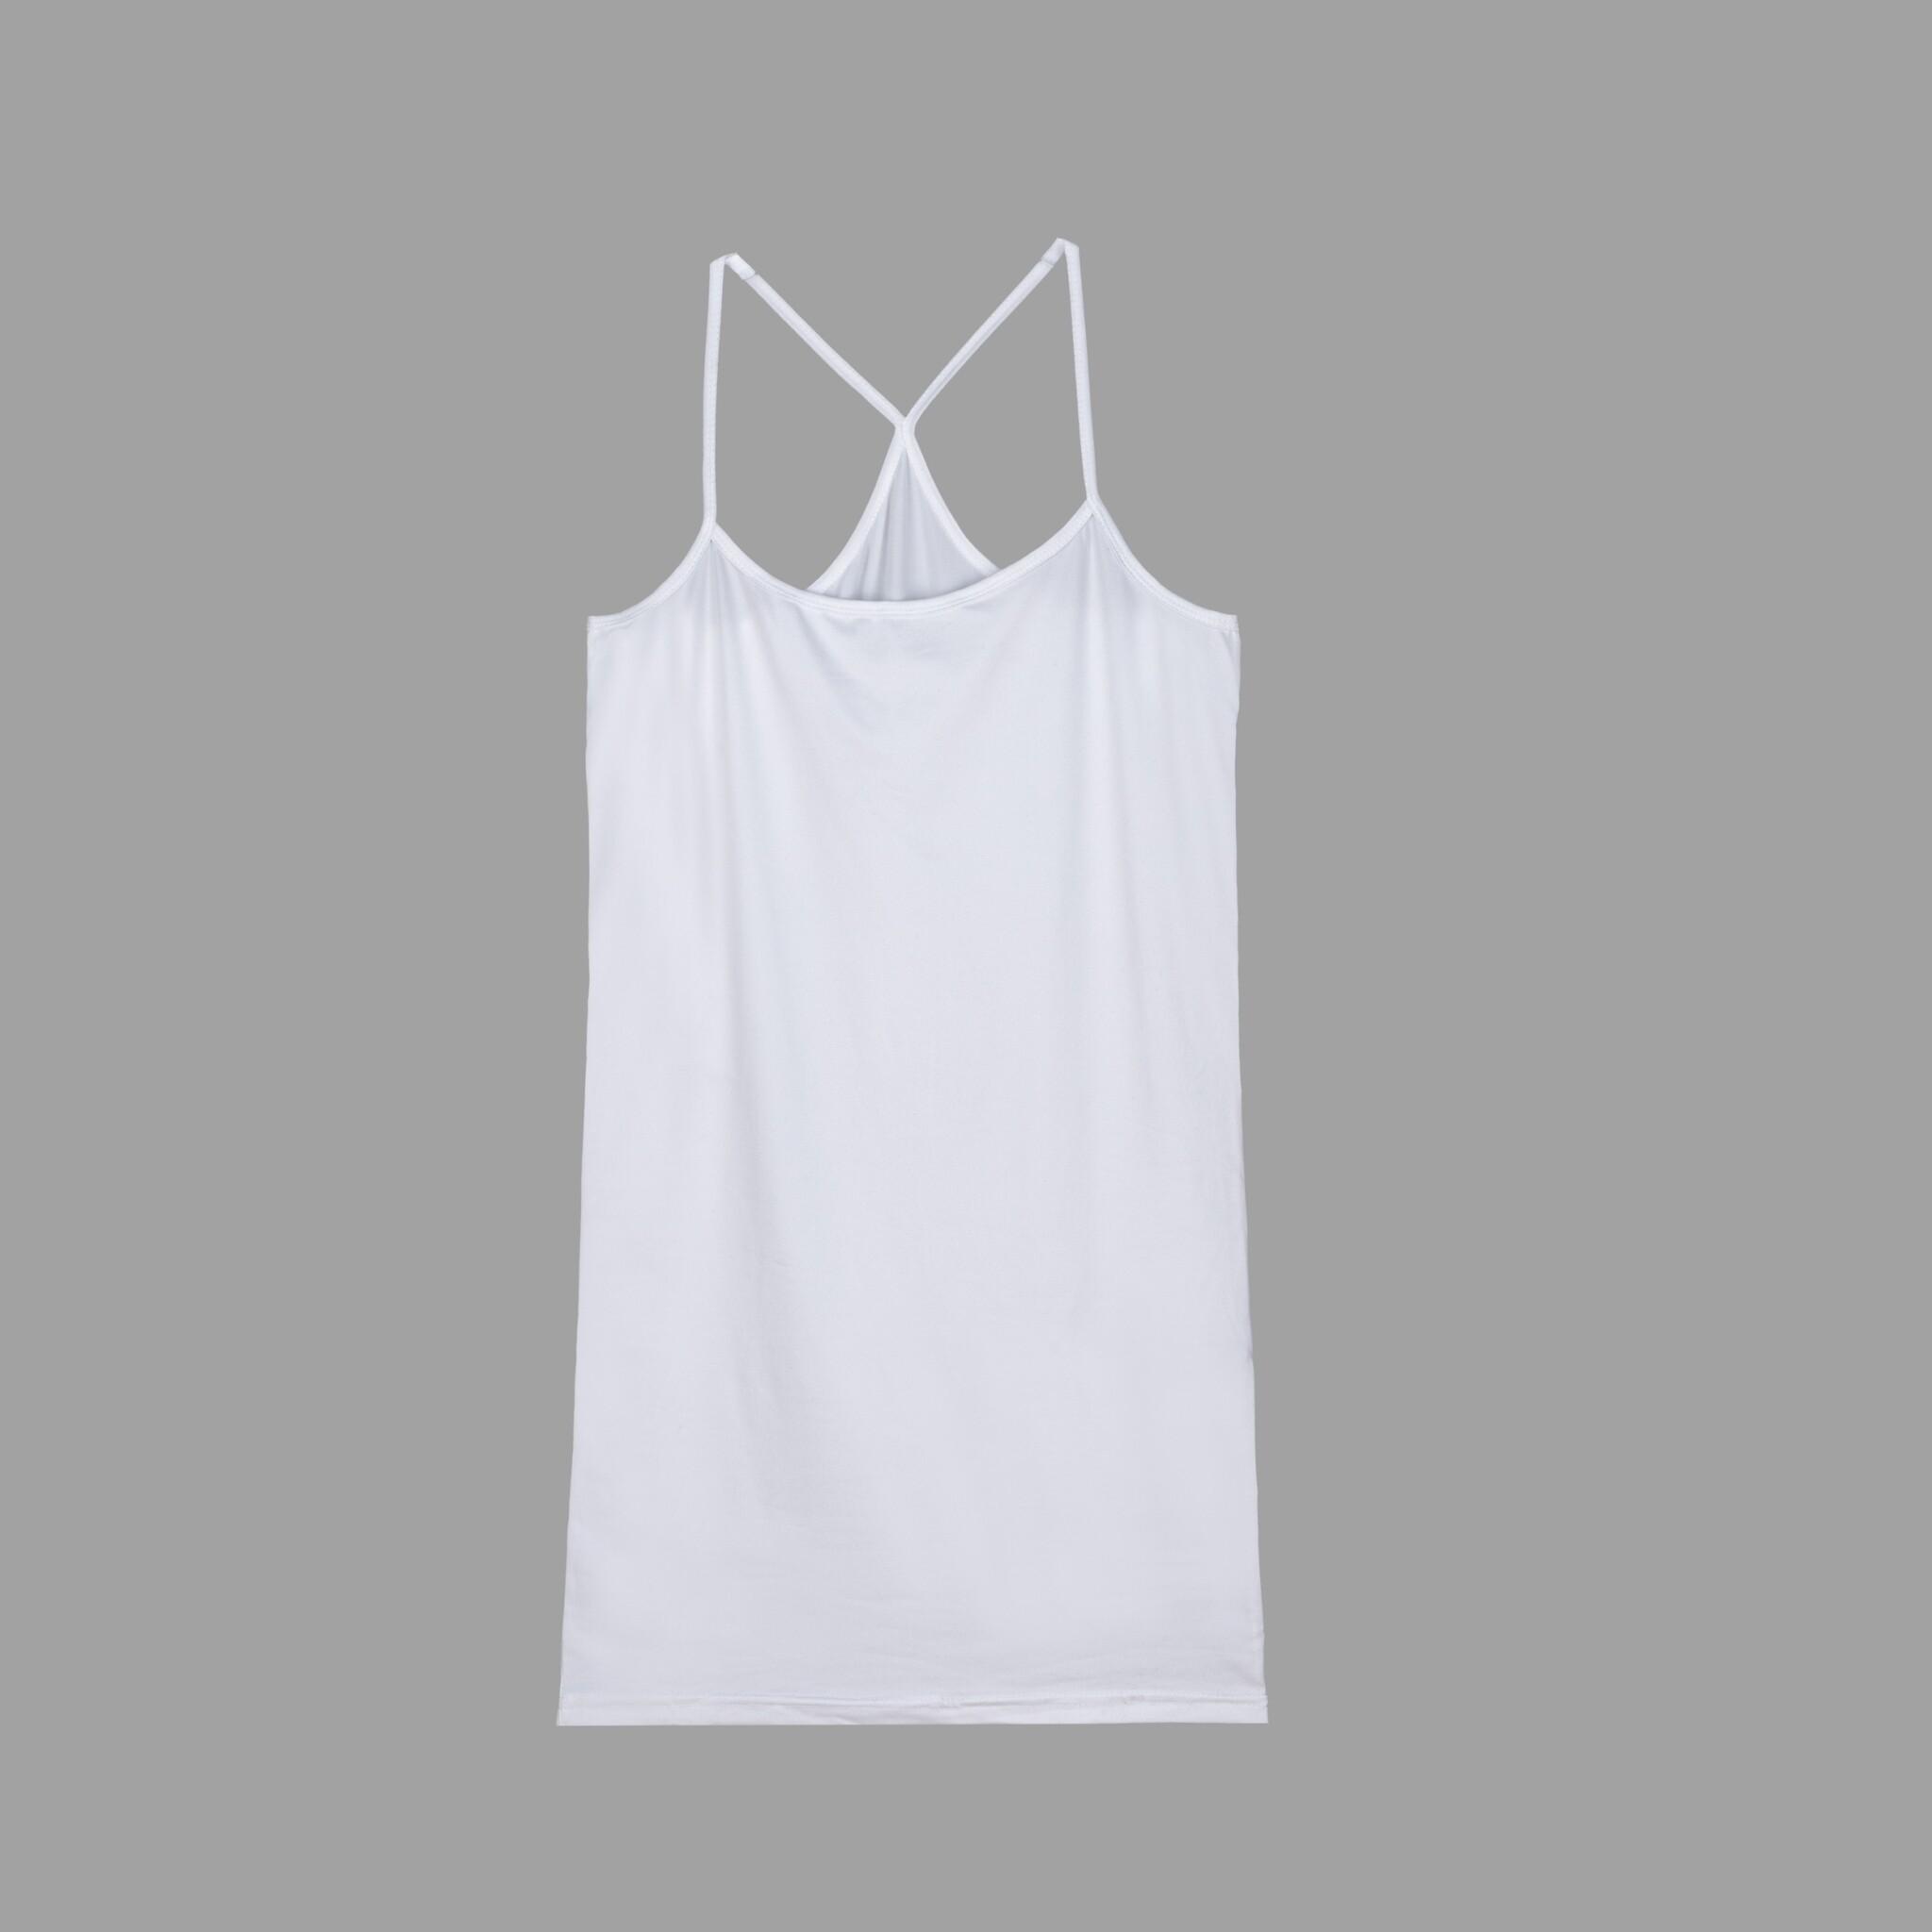 เสื้อสายเดี่ยว สายเดี่ยว ซับในสายเดี่ยว ขาว ดำ เนื้อผ้าดี นุ่มยืด สวมใส่สบาย แฟชั่นสําหรับผู้หญิง Free Size